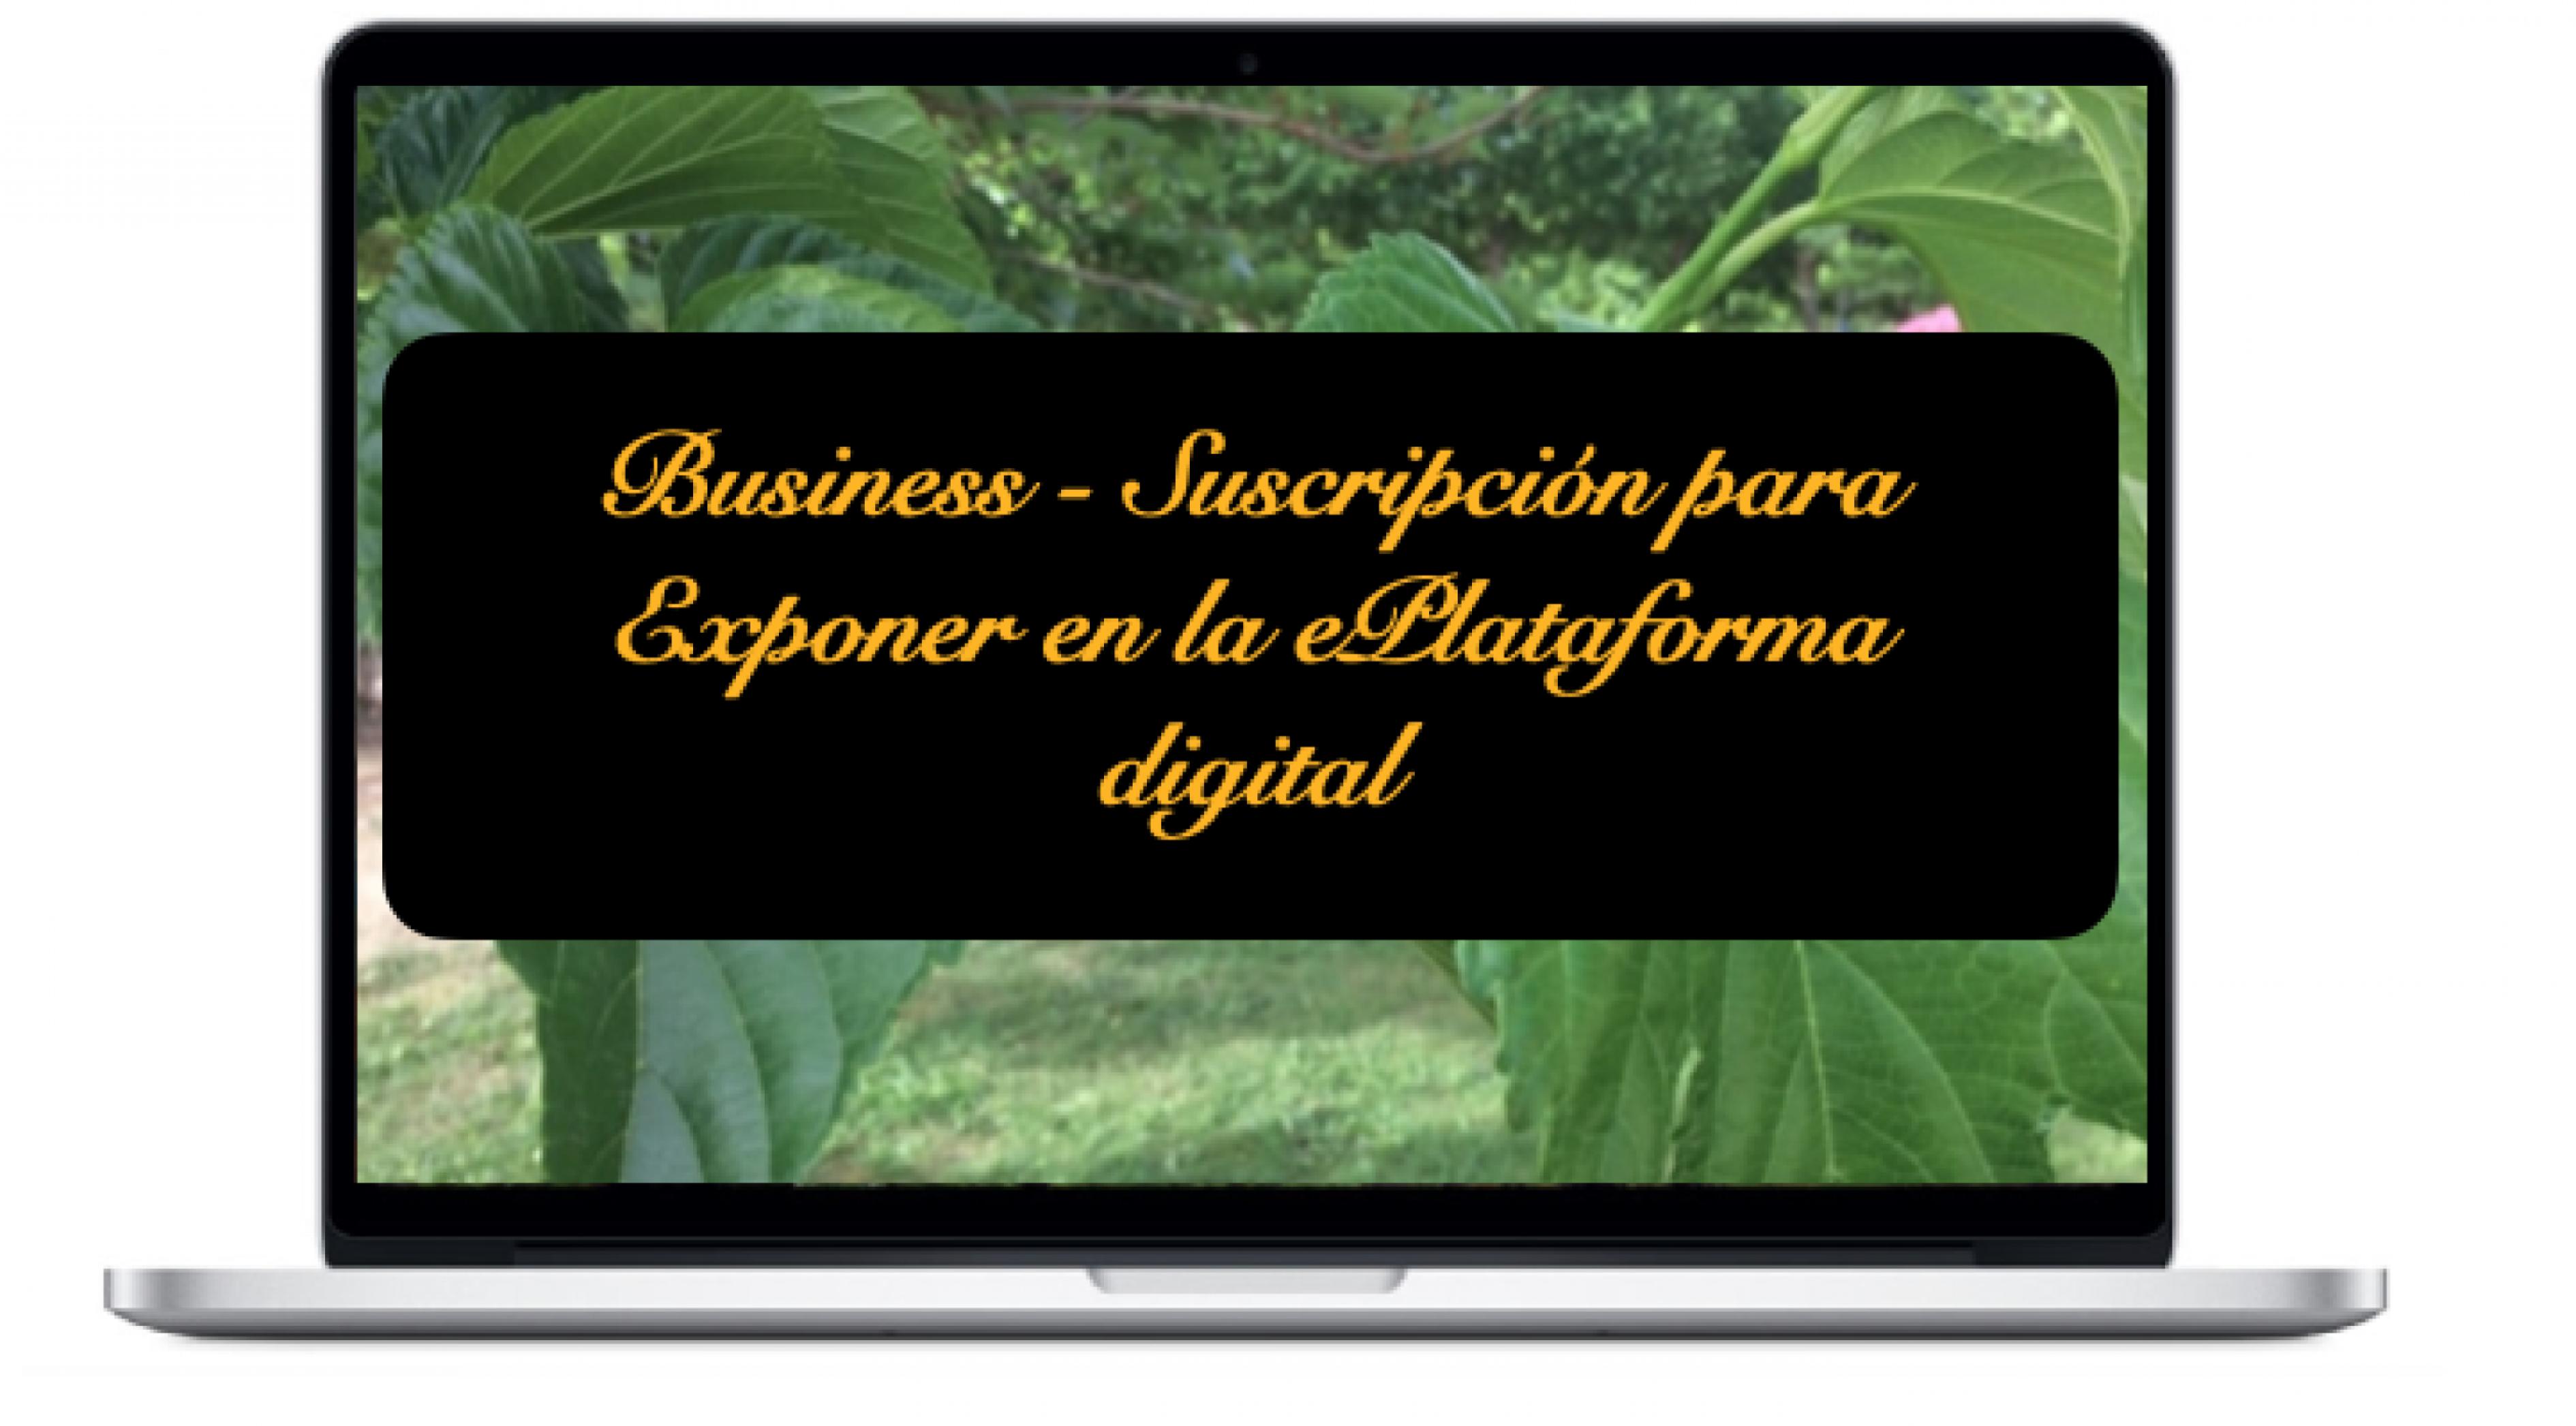 business-suscripcion-para-exponer-en-la-eplataforma-digital